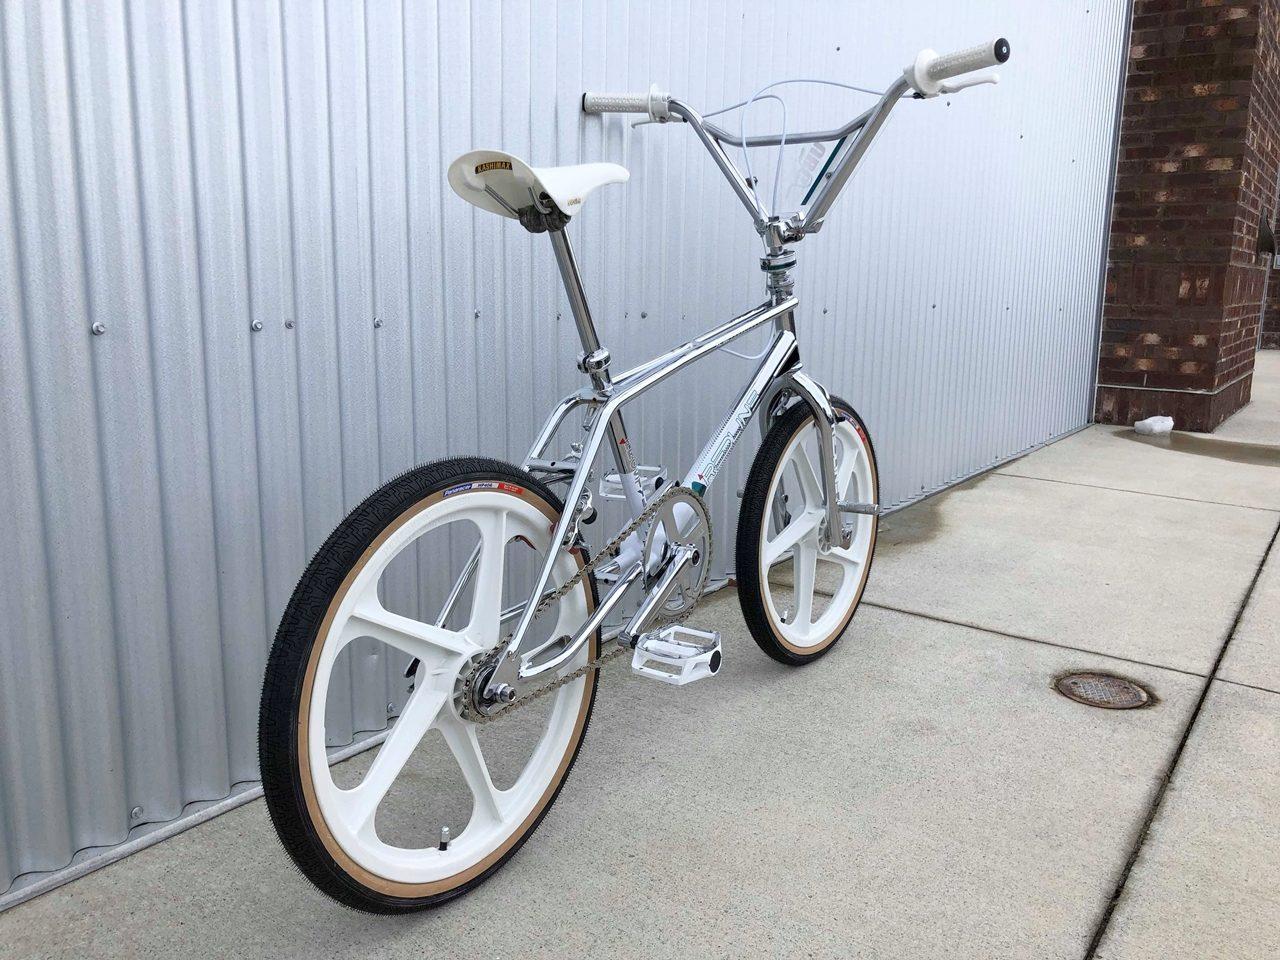 1988 Redline RL 20-II, chrome rear